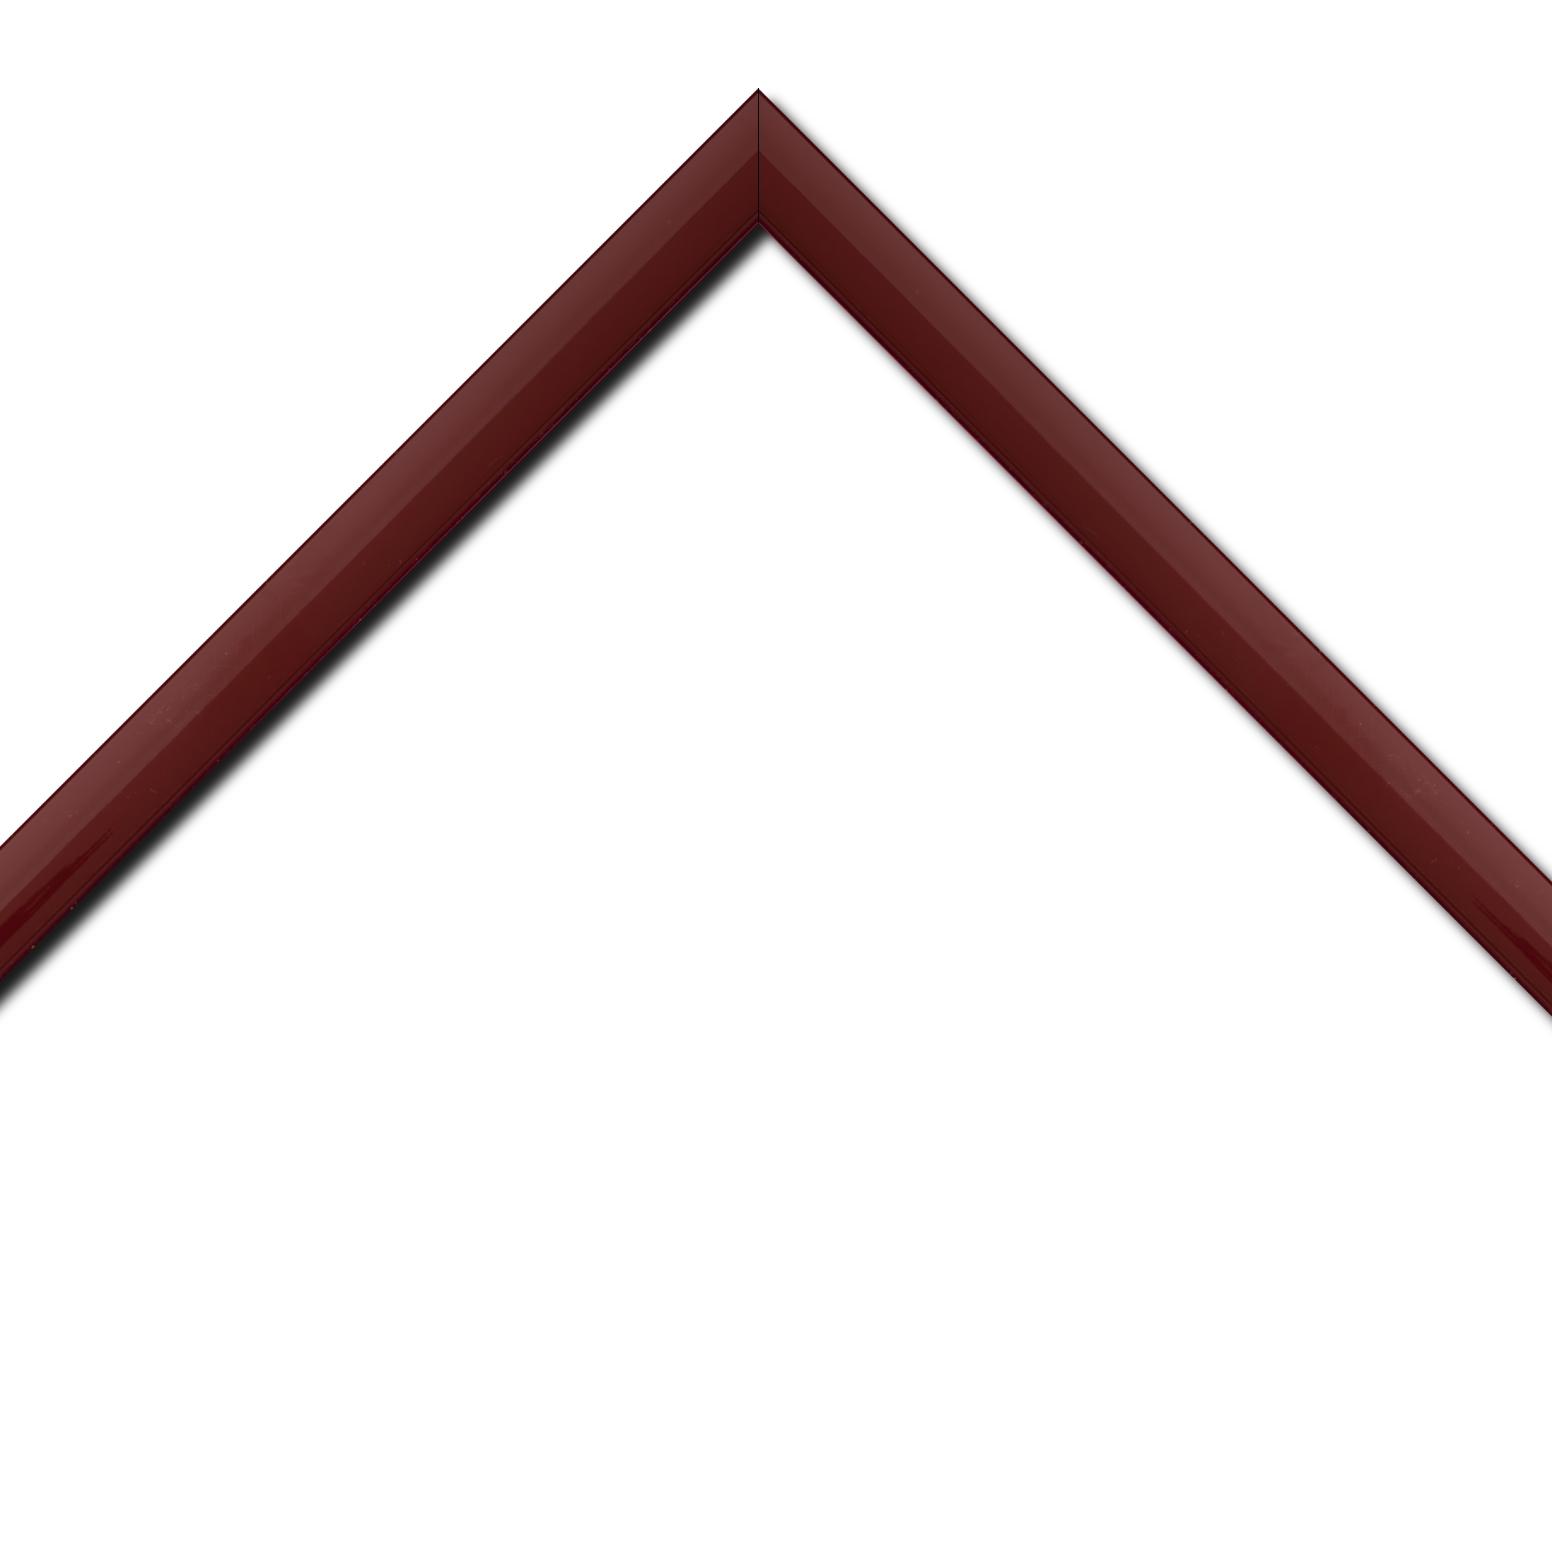 Baguette bois profil méplat largeur 2.3cm couleur bordeaux laqué